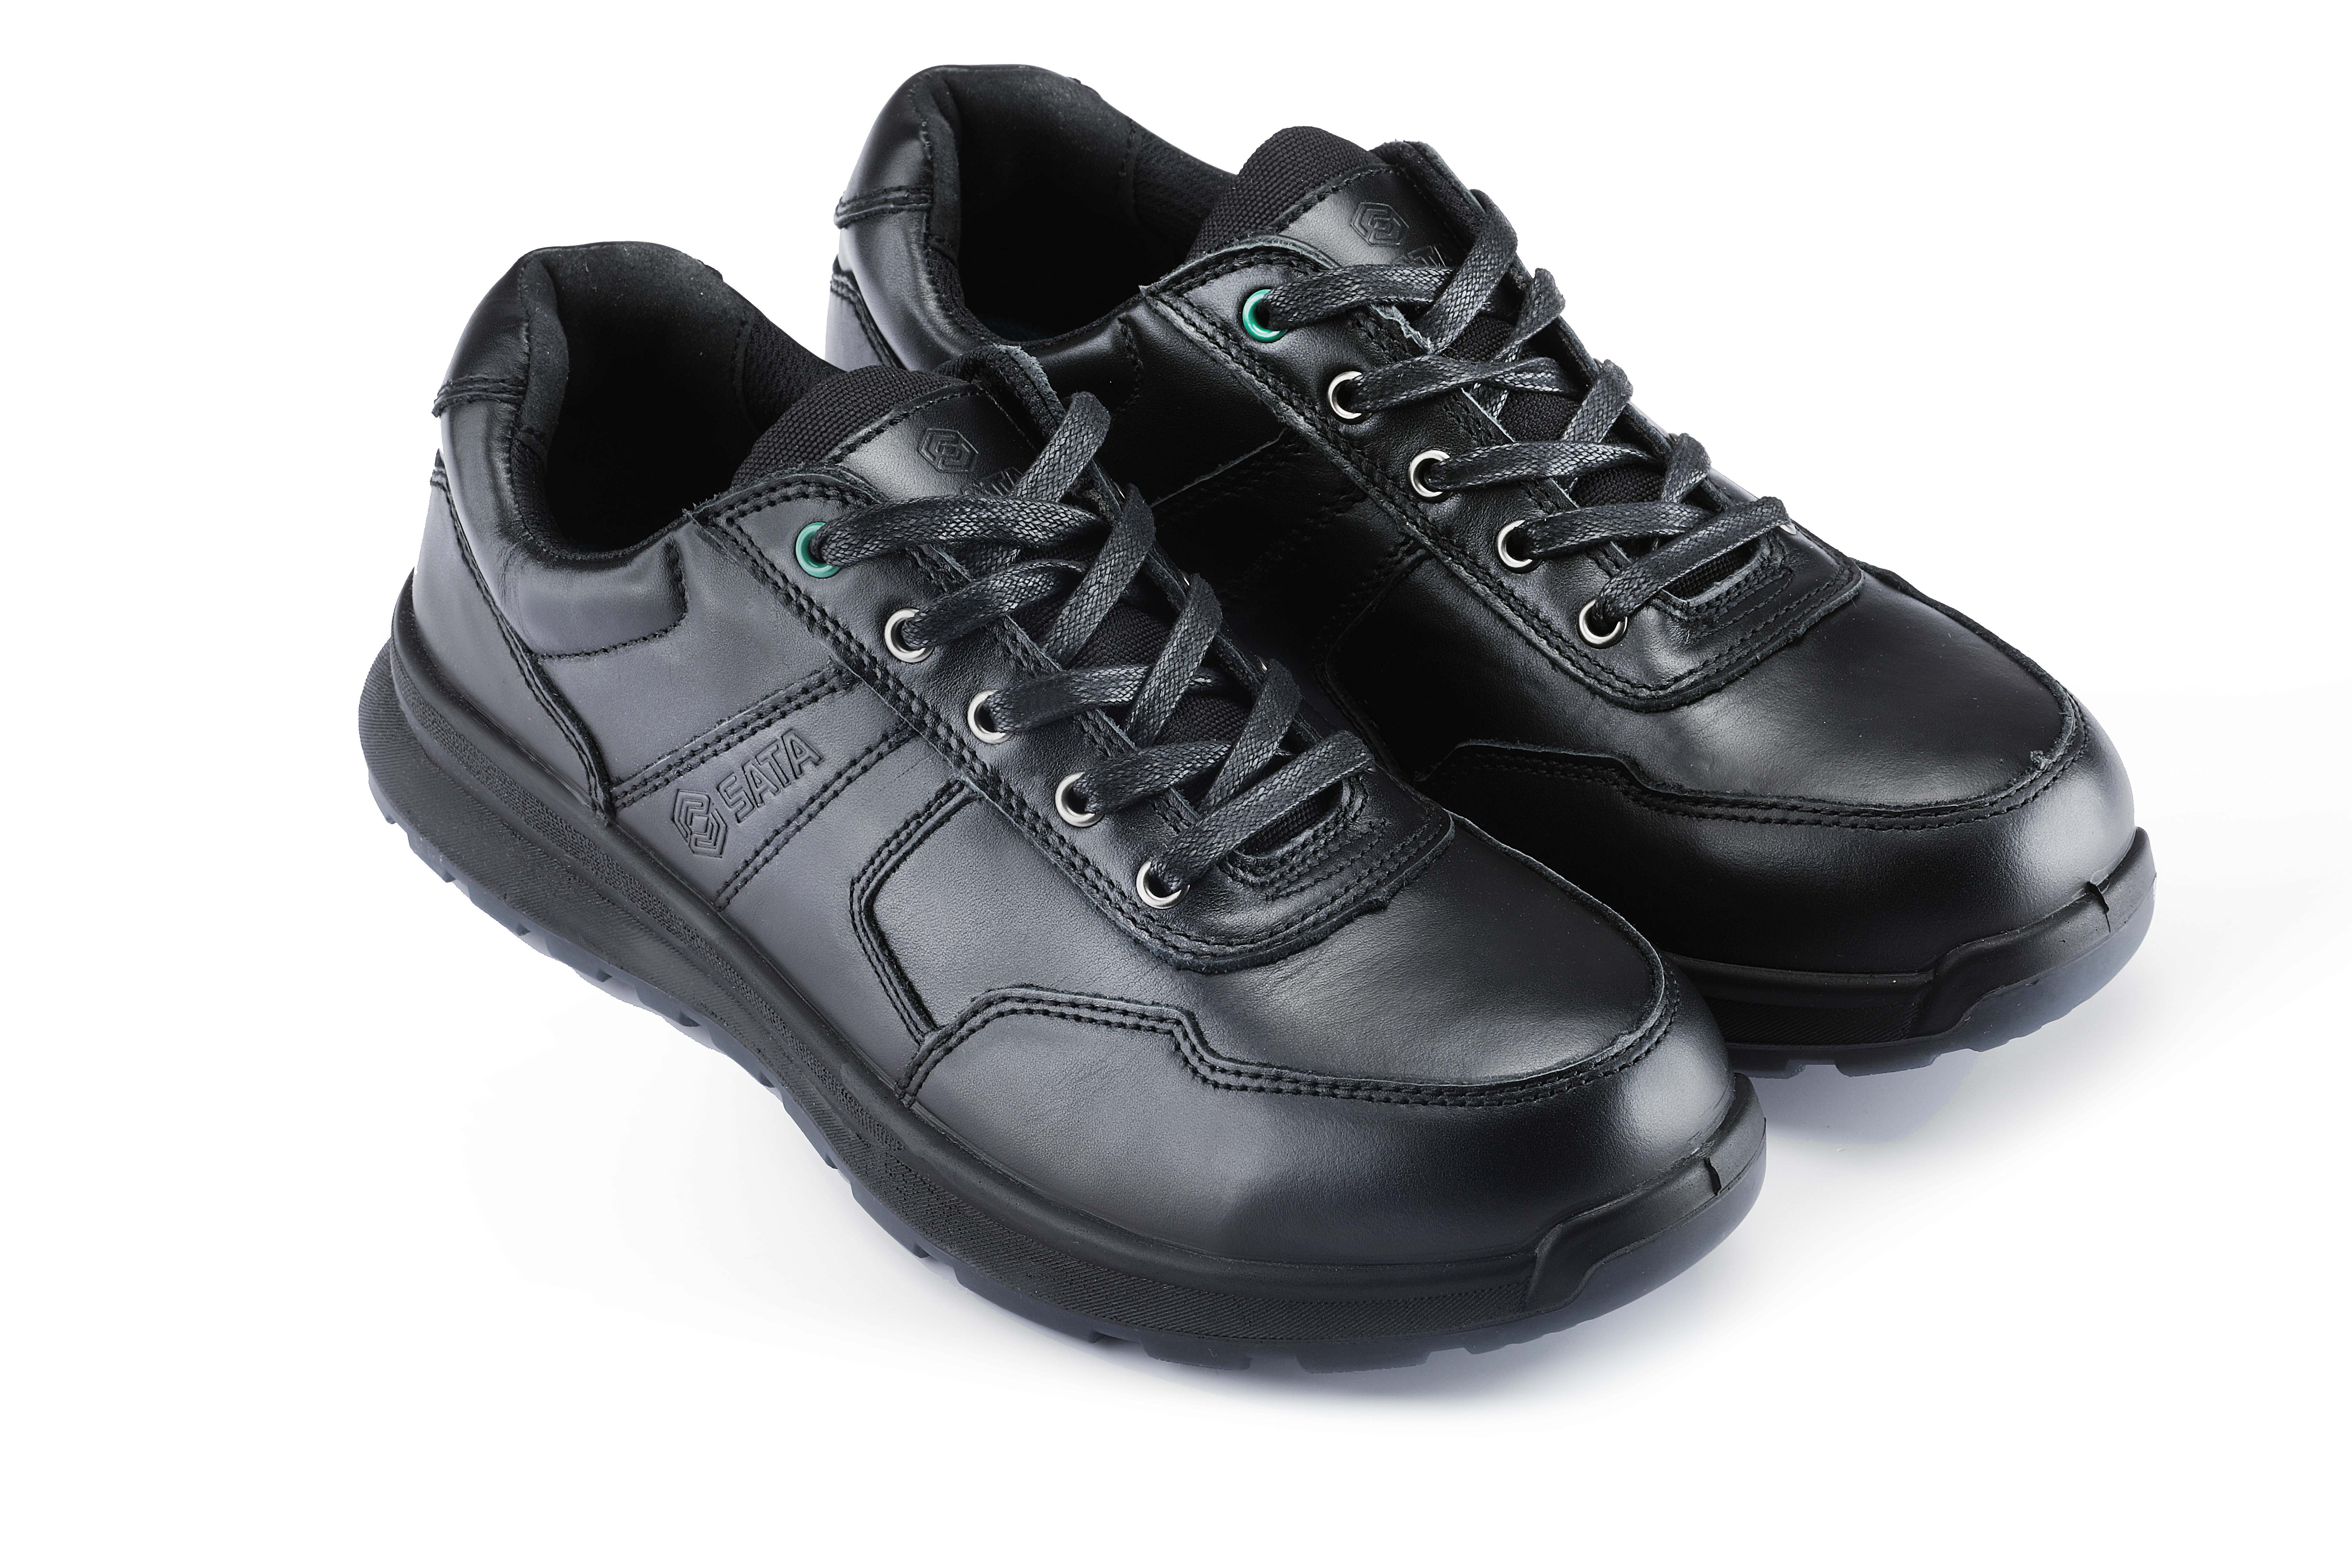 乘风商务安全鞋